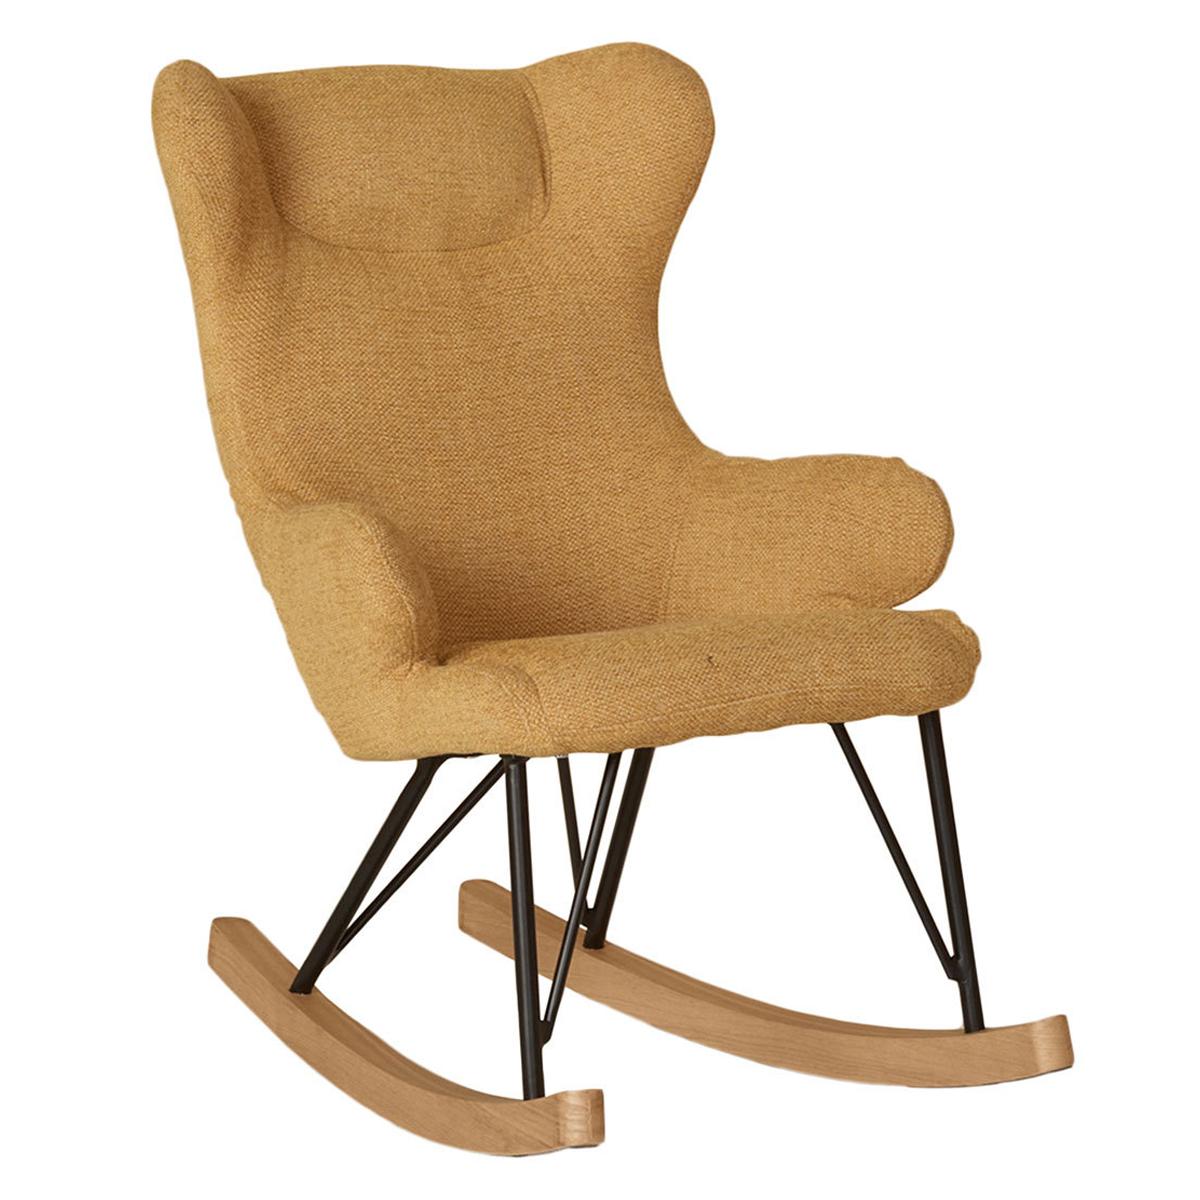 Fauteuil Rocking Kids Chair De Luxe - Safran Rocking Kids Chair De Luxe - Safran